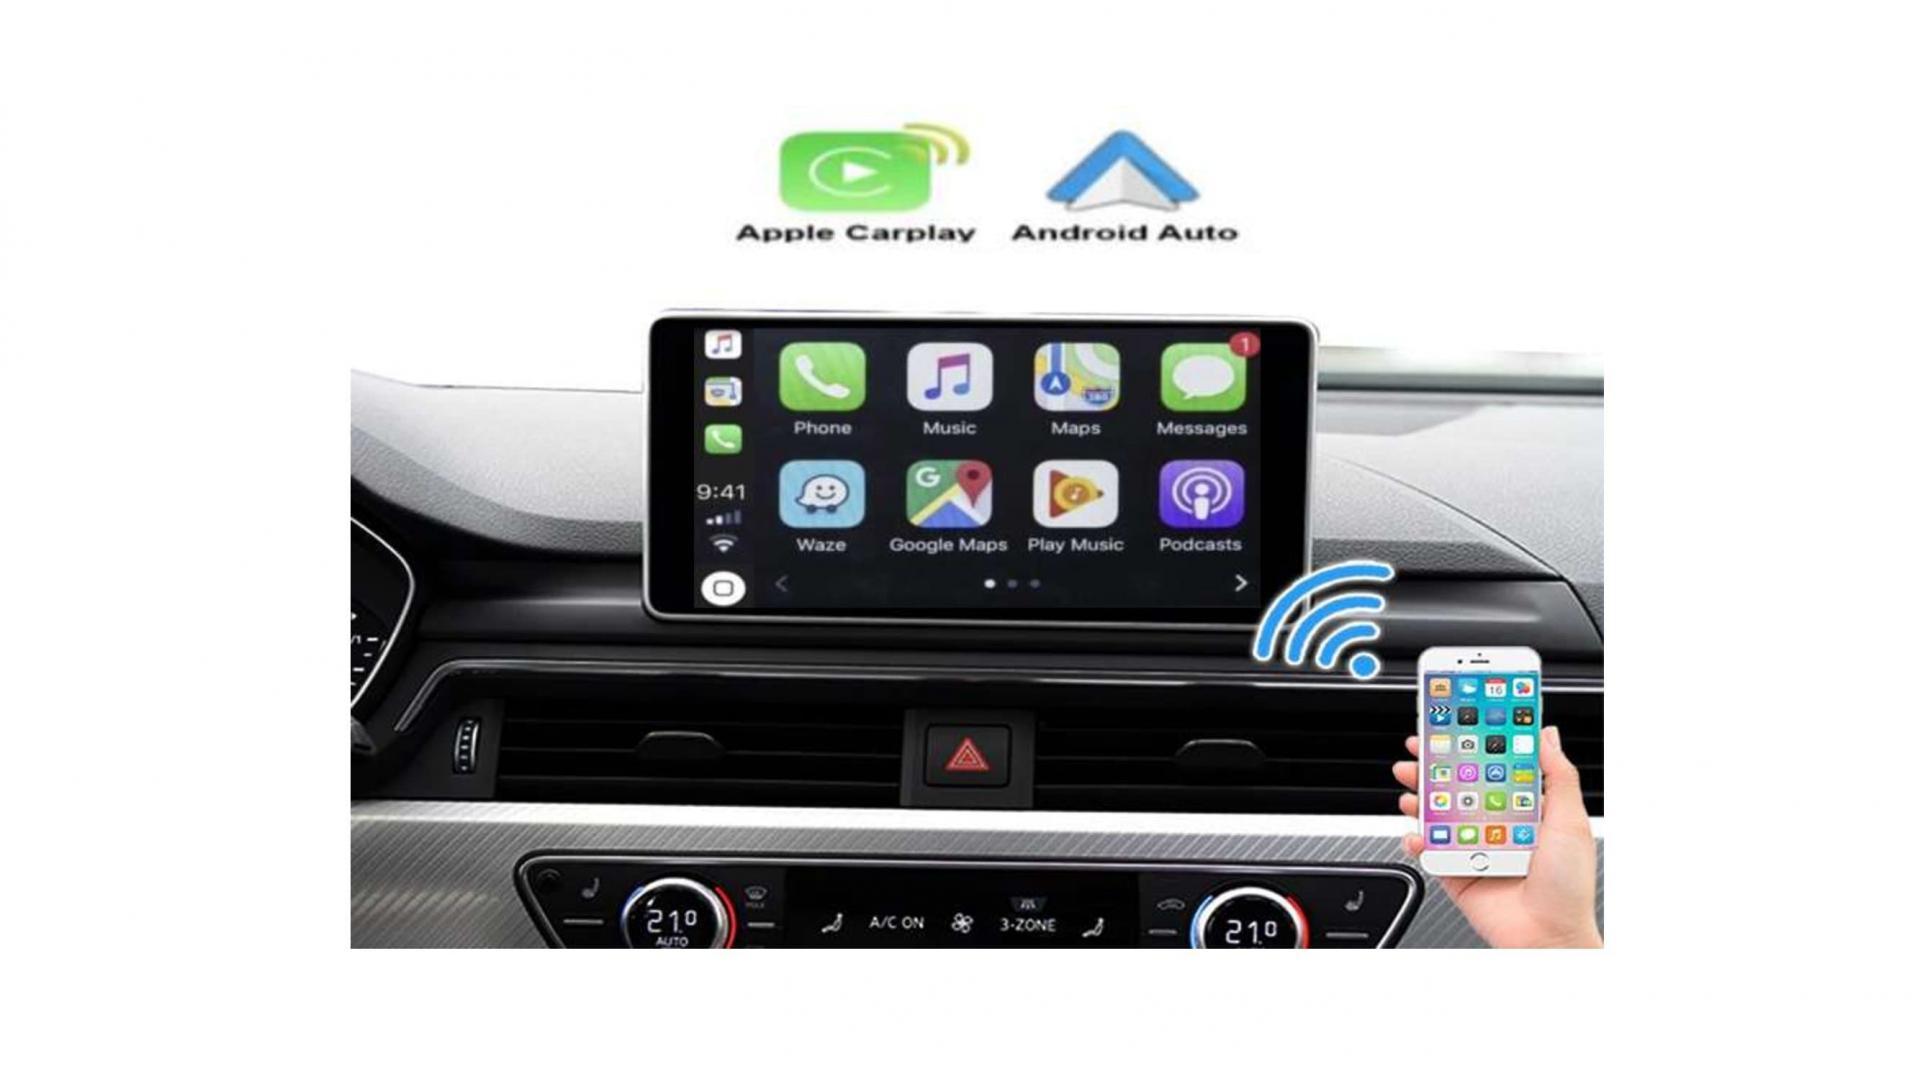 Android auto audi a3 peugeot renault megane4 mercedes audi peugeot opel toyota camera de recul commande au volant ipod tv dvbt 3g 4g pas cher wifi poste usb sd tnt 2 din tactile ca